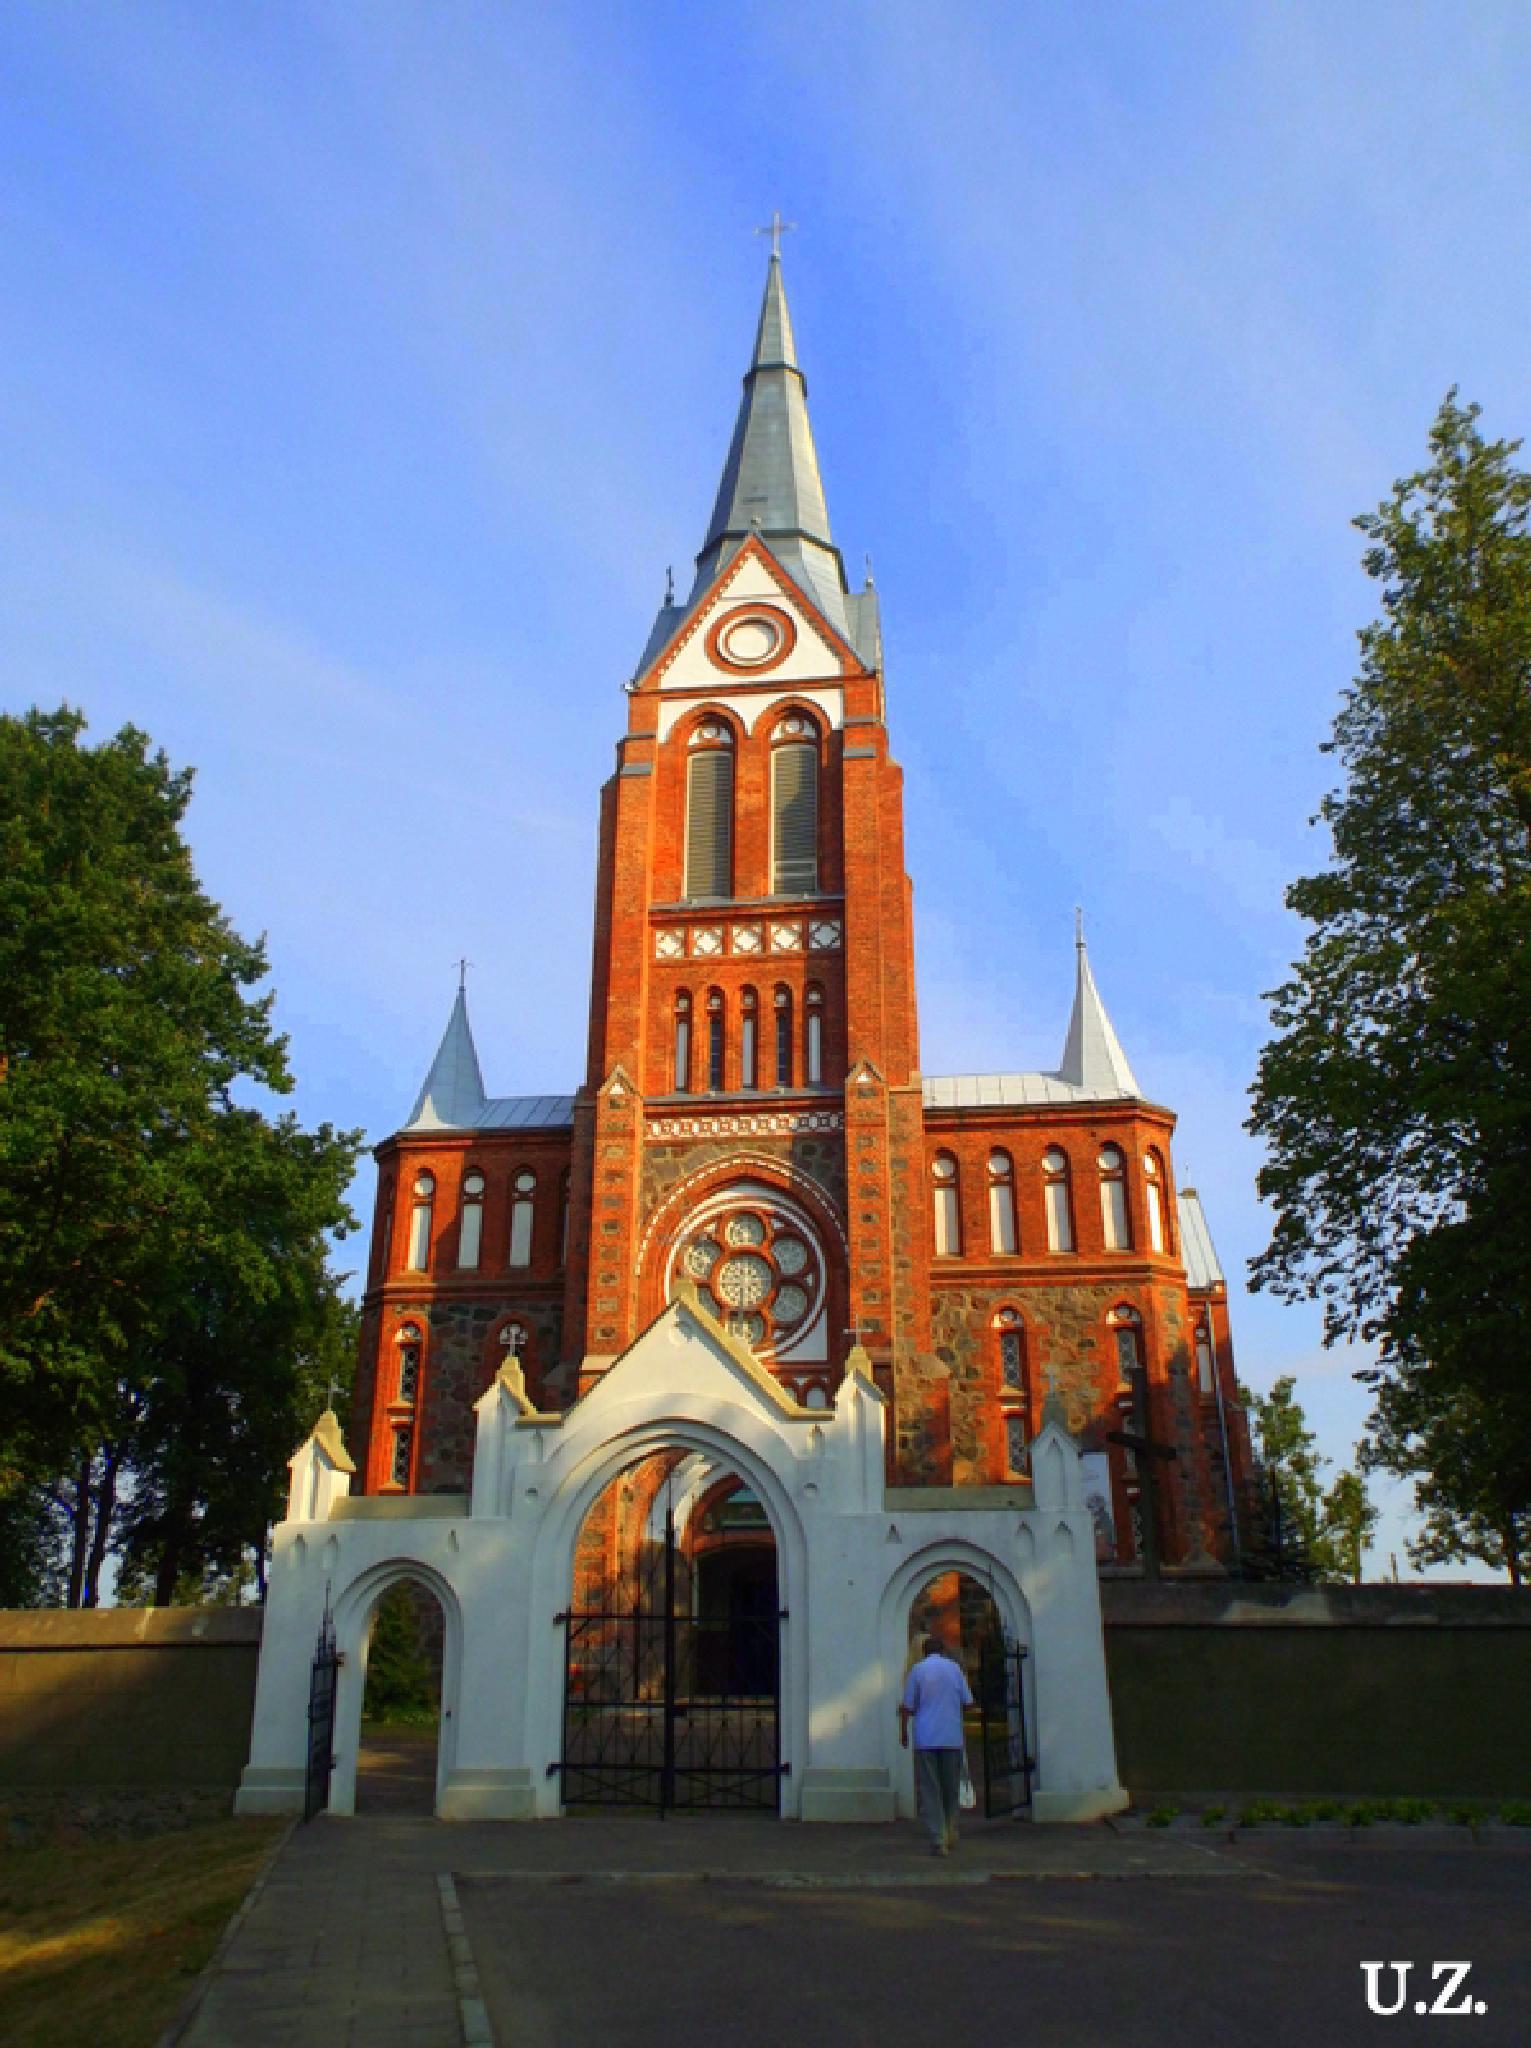 Church by Zita Užkuraitienė